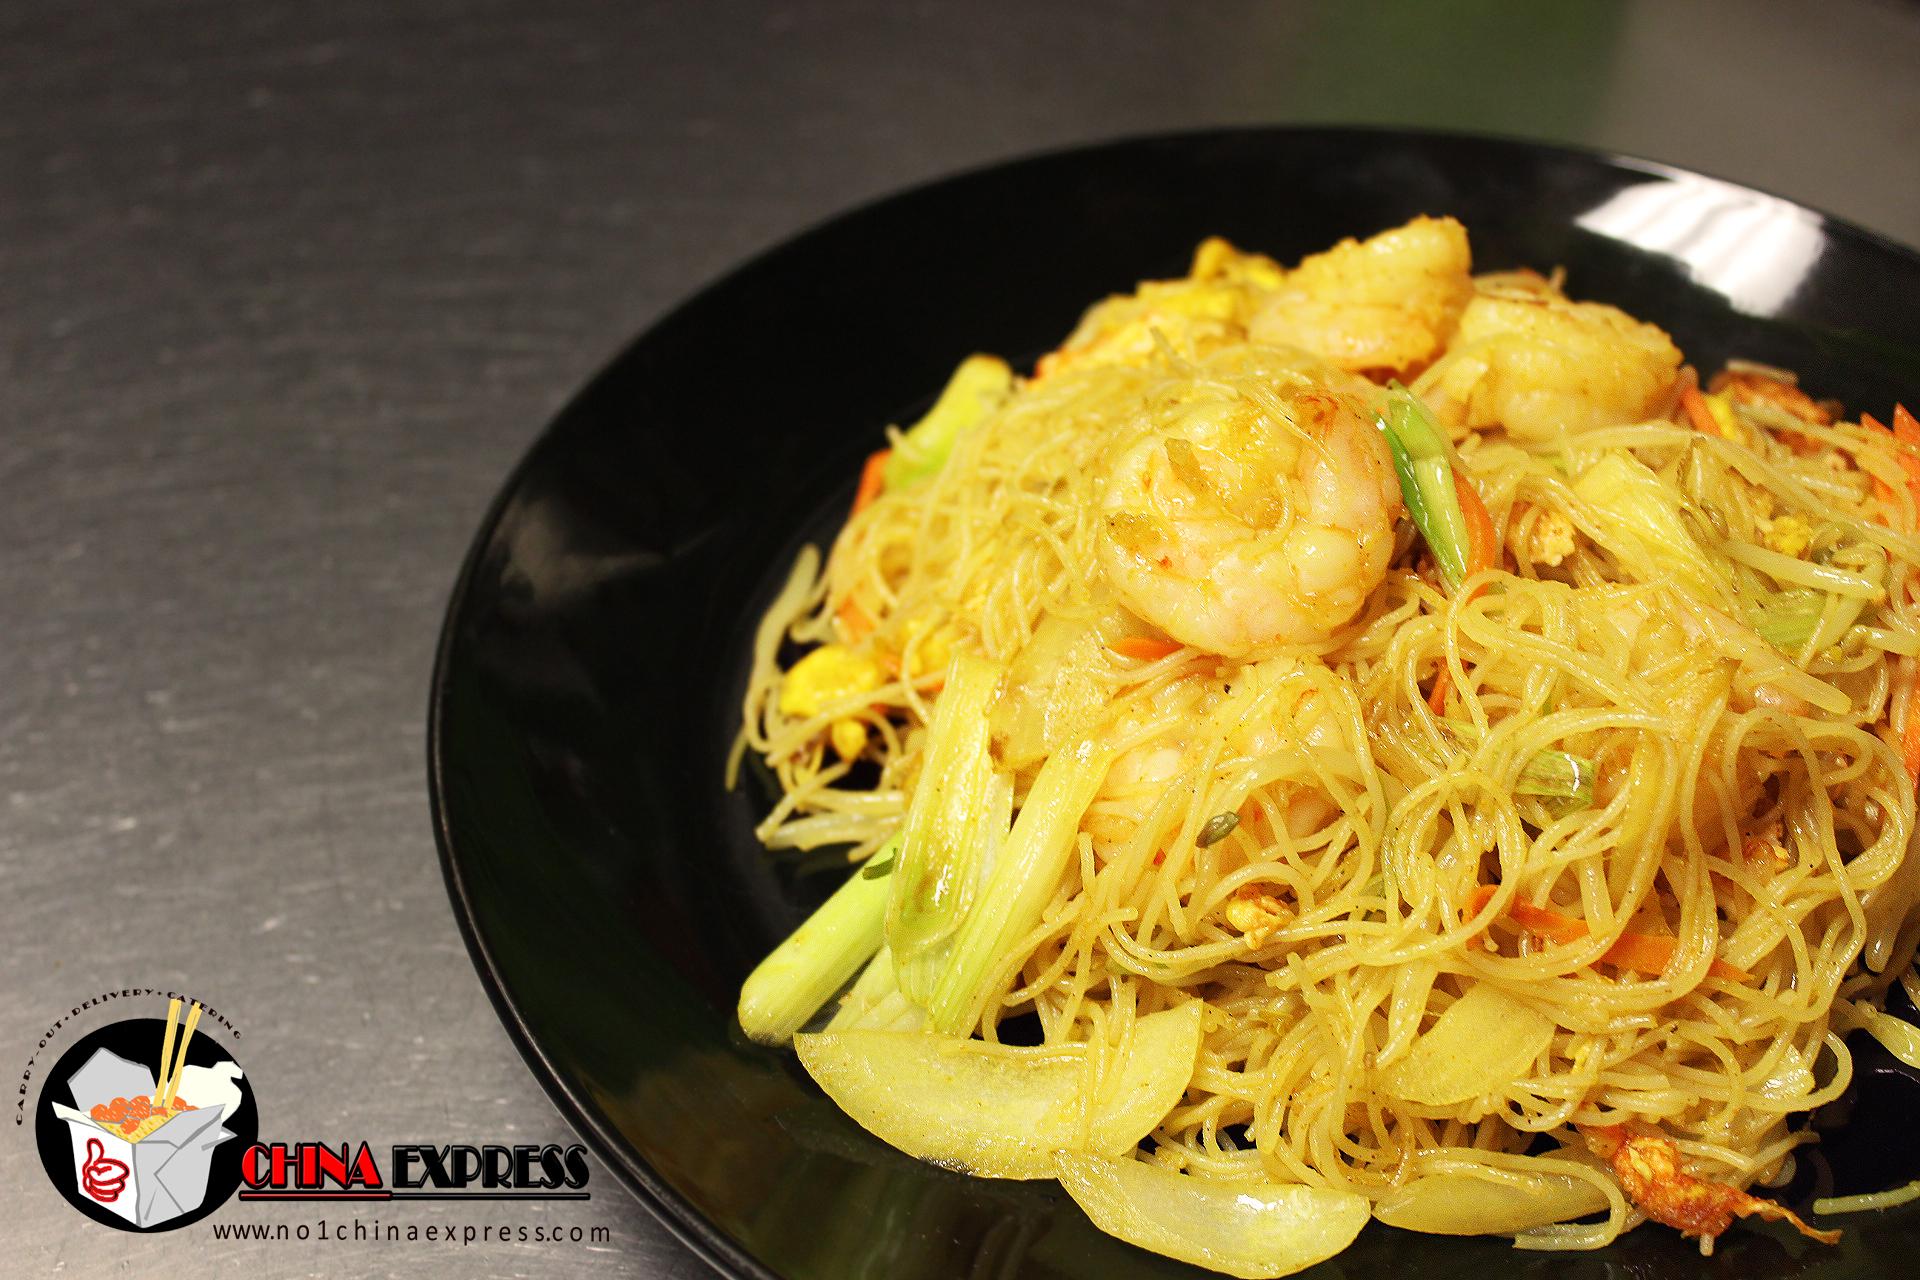 (L) Singapore Noodle Image